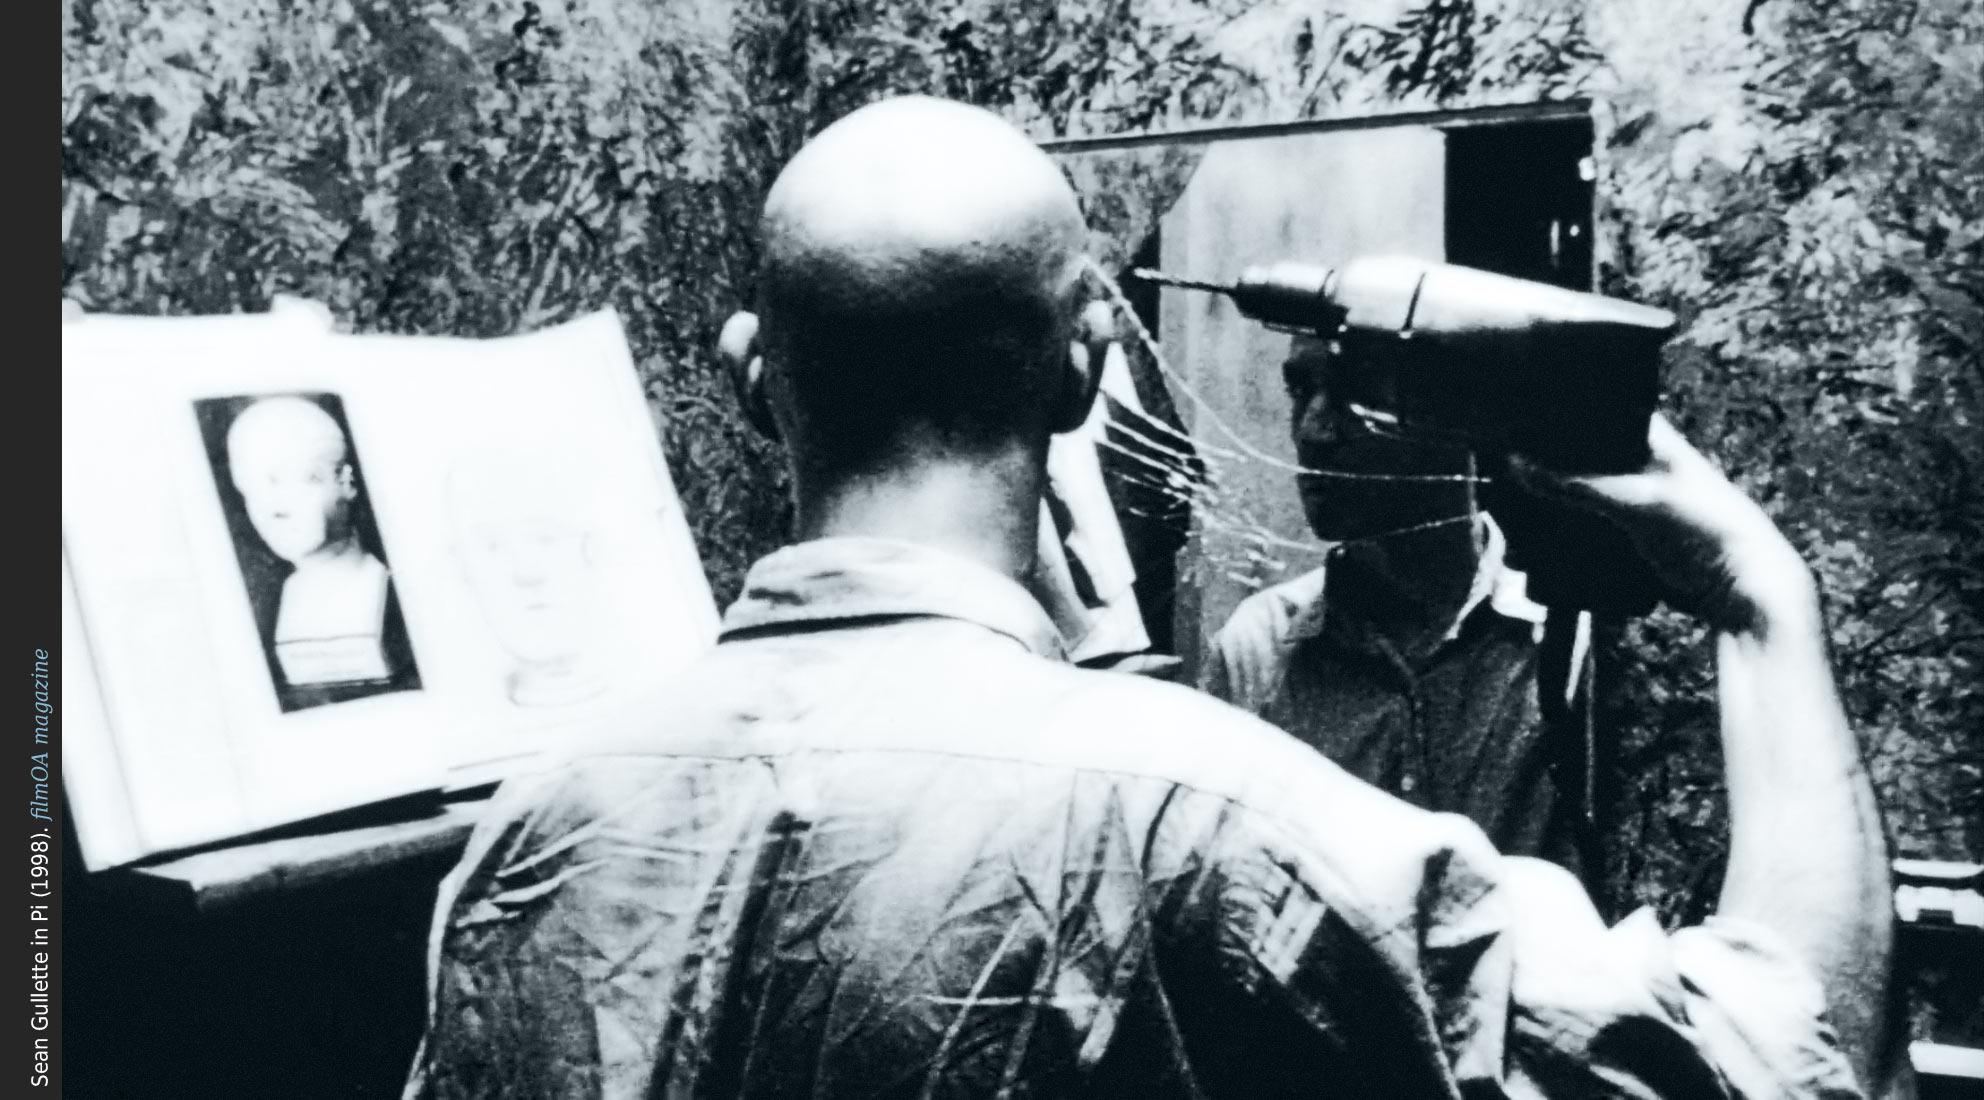 Pi, fe en el caos (1998), de Darren Aronofsky - Crítica